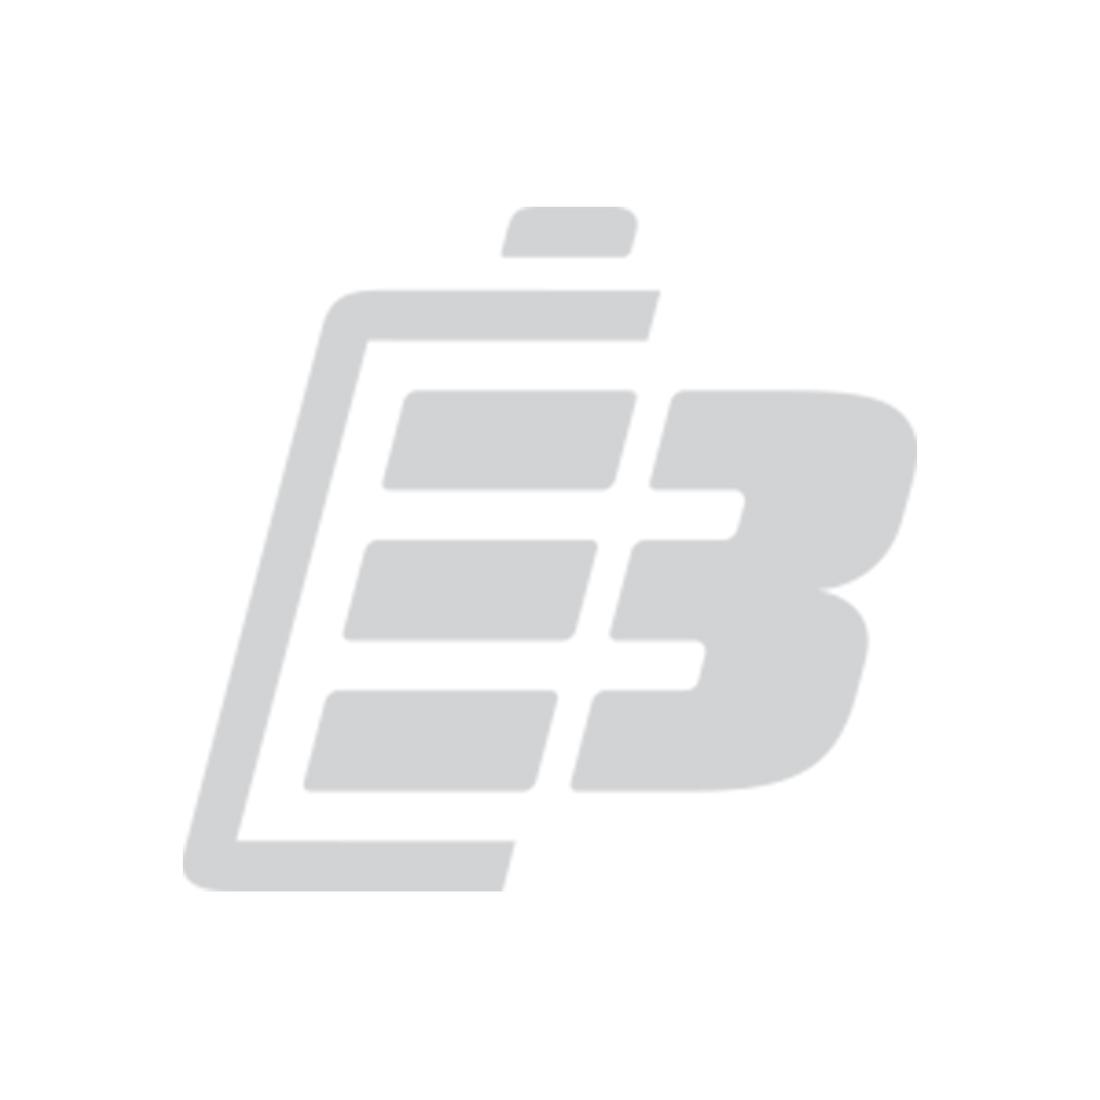 Μπαταρία tablet Samsung Galaxy Tab 3 Lite 7.0_1